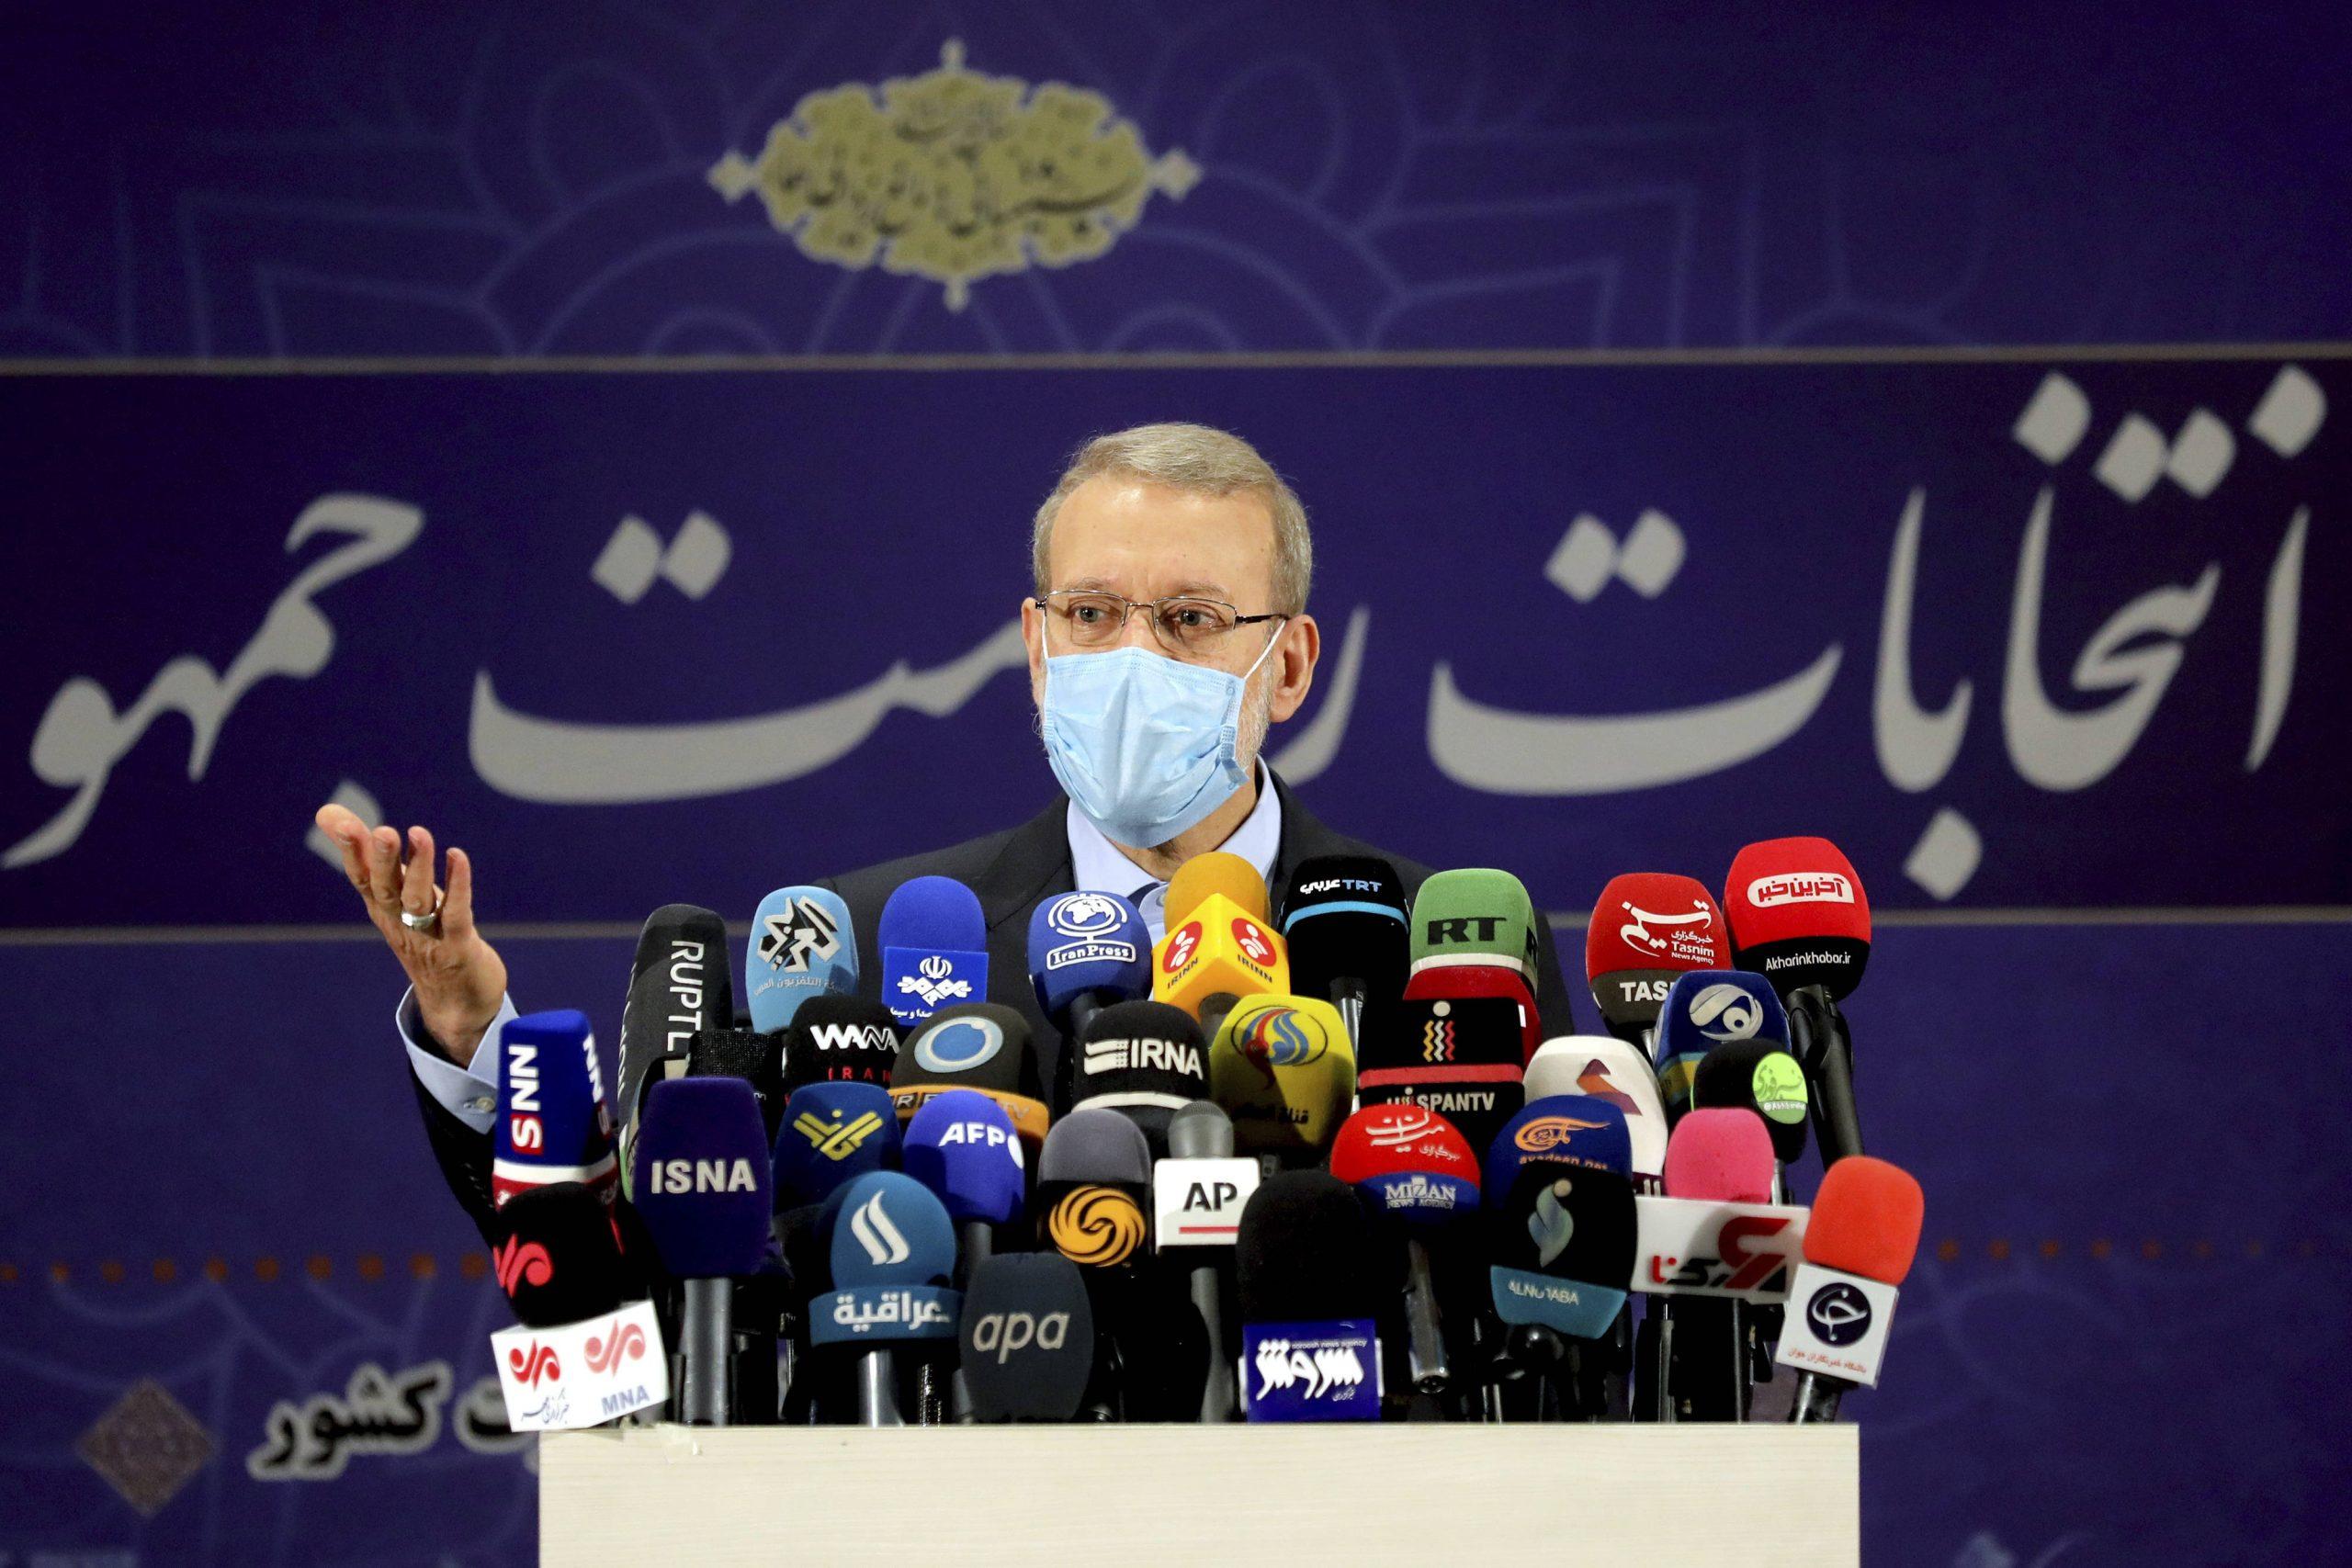 L'ancien président du parlement iranien Ali Larijani assiste à une conférence de presse après avoir enregistré sa candidature aux élections présidentielles du 18 juin au siège des élections du ministère de l'Intérieur à Téhéran, le 15 mai 2021.